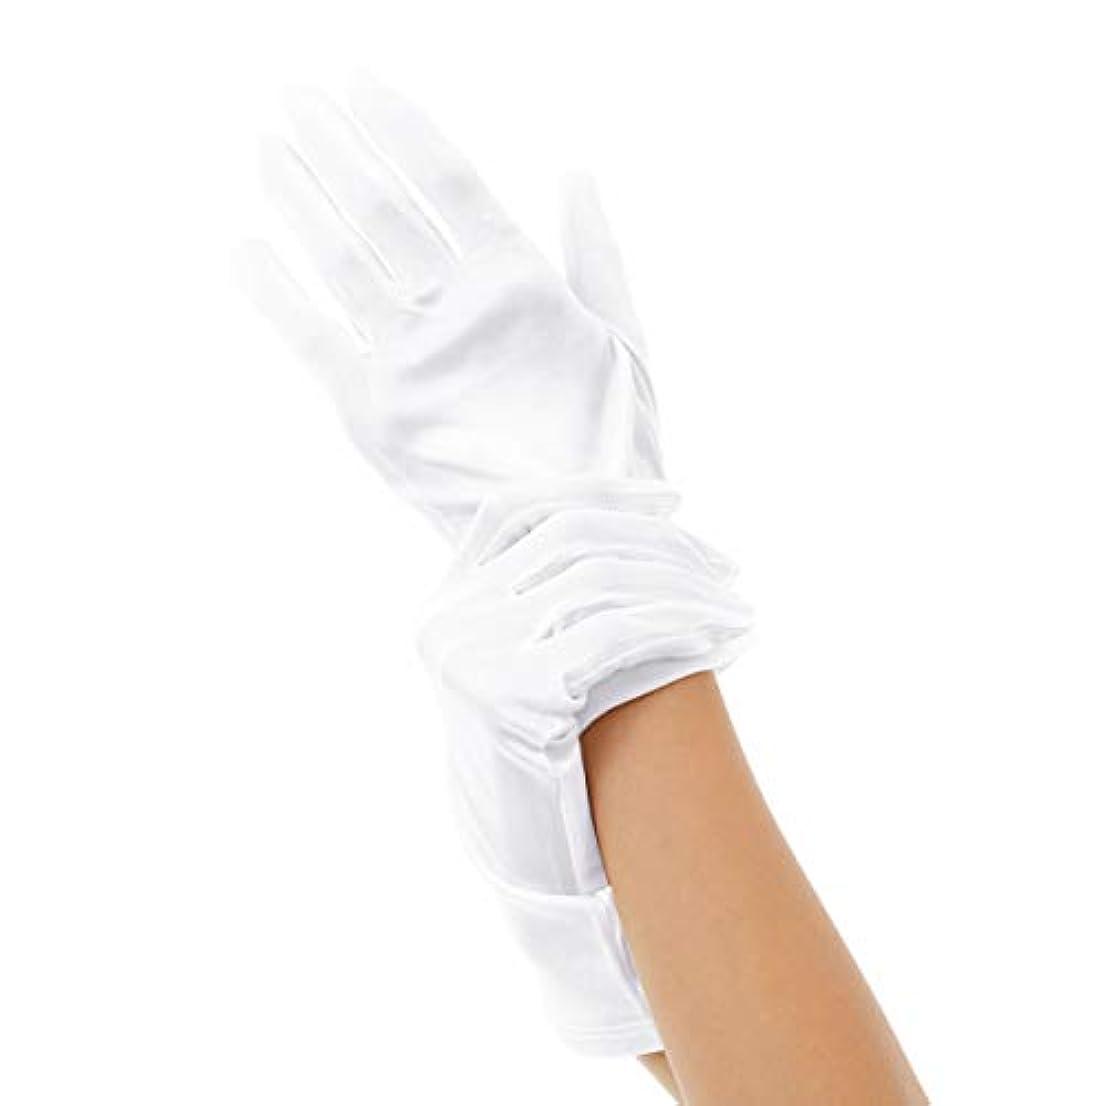 精度番号ハイブリッドSilk 100% ハンドケア シルク 手袋 手首ゆるゆる おやすみ スキンケア グローブ 薄手のスムース素材 外出時の UV対策 や インナーグローブ にも最適 うるおい 保湿 ひび あかぎれ 保護 (L, ホワイト)